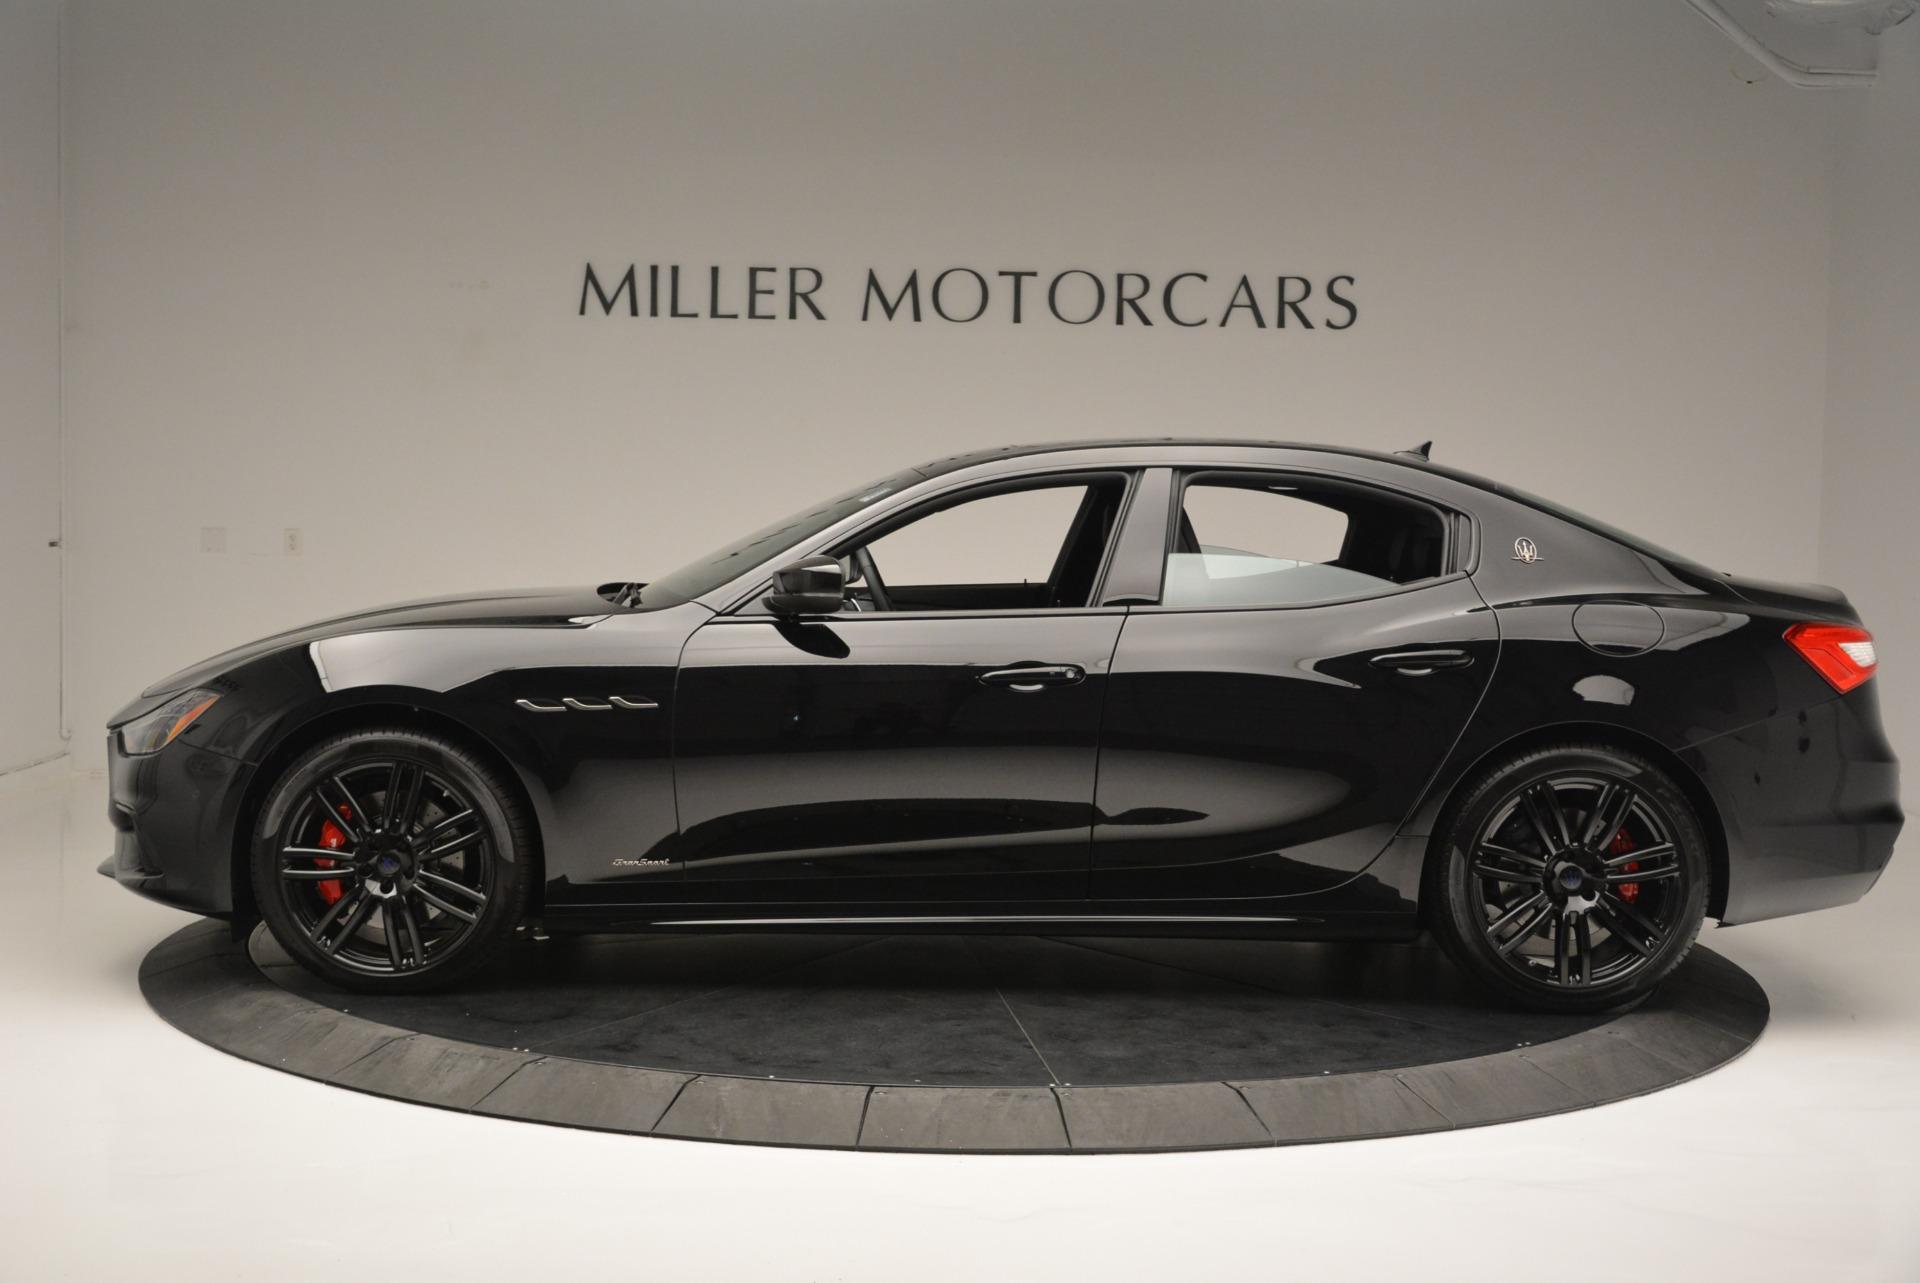 New 2018 Maserati Ghibli SQ4 GranSport Nerissimo For Sale In Greenwich, CT. Alfa Romeo of Greenwich, M2171 2366_p3